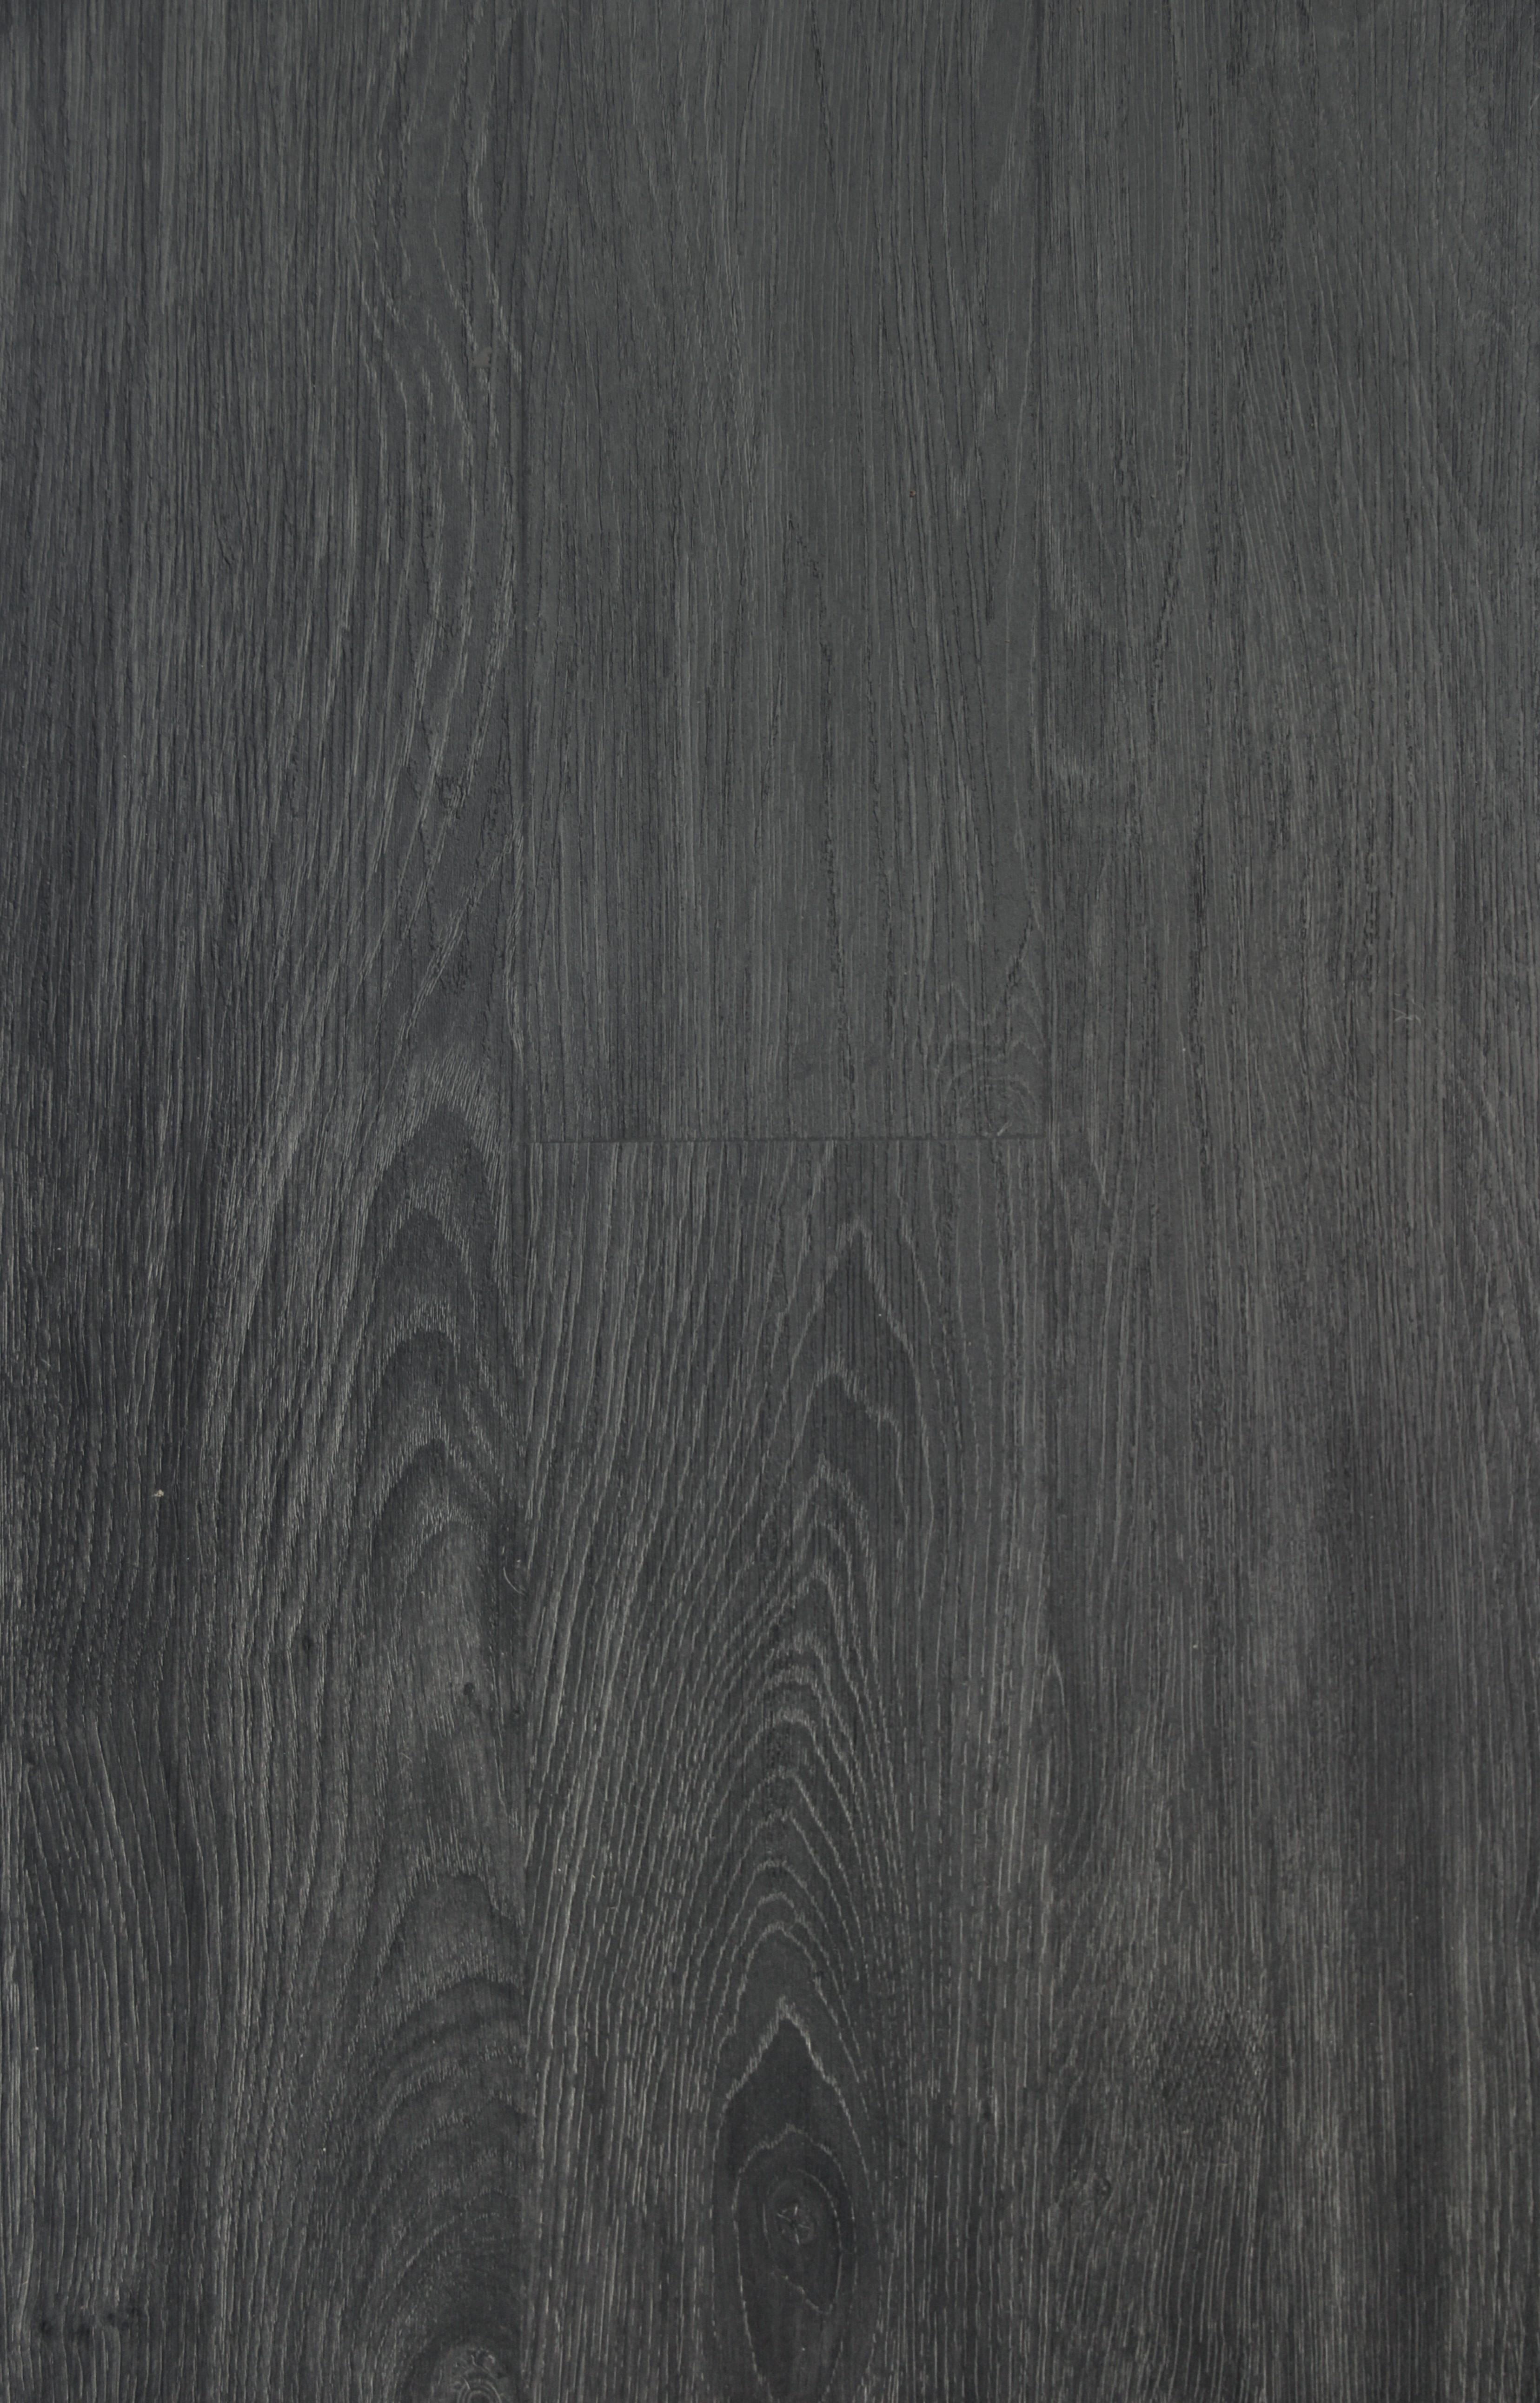 Lames Pvc Clipsables Victoria Black Compatibles Pièces Humides